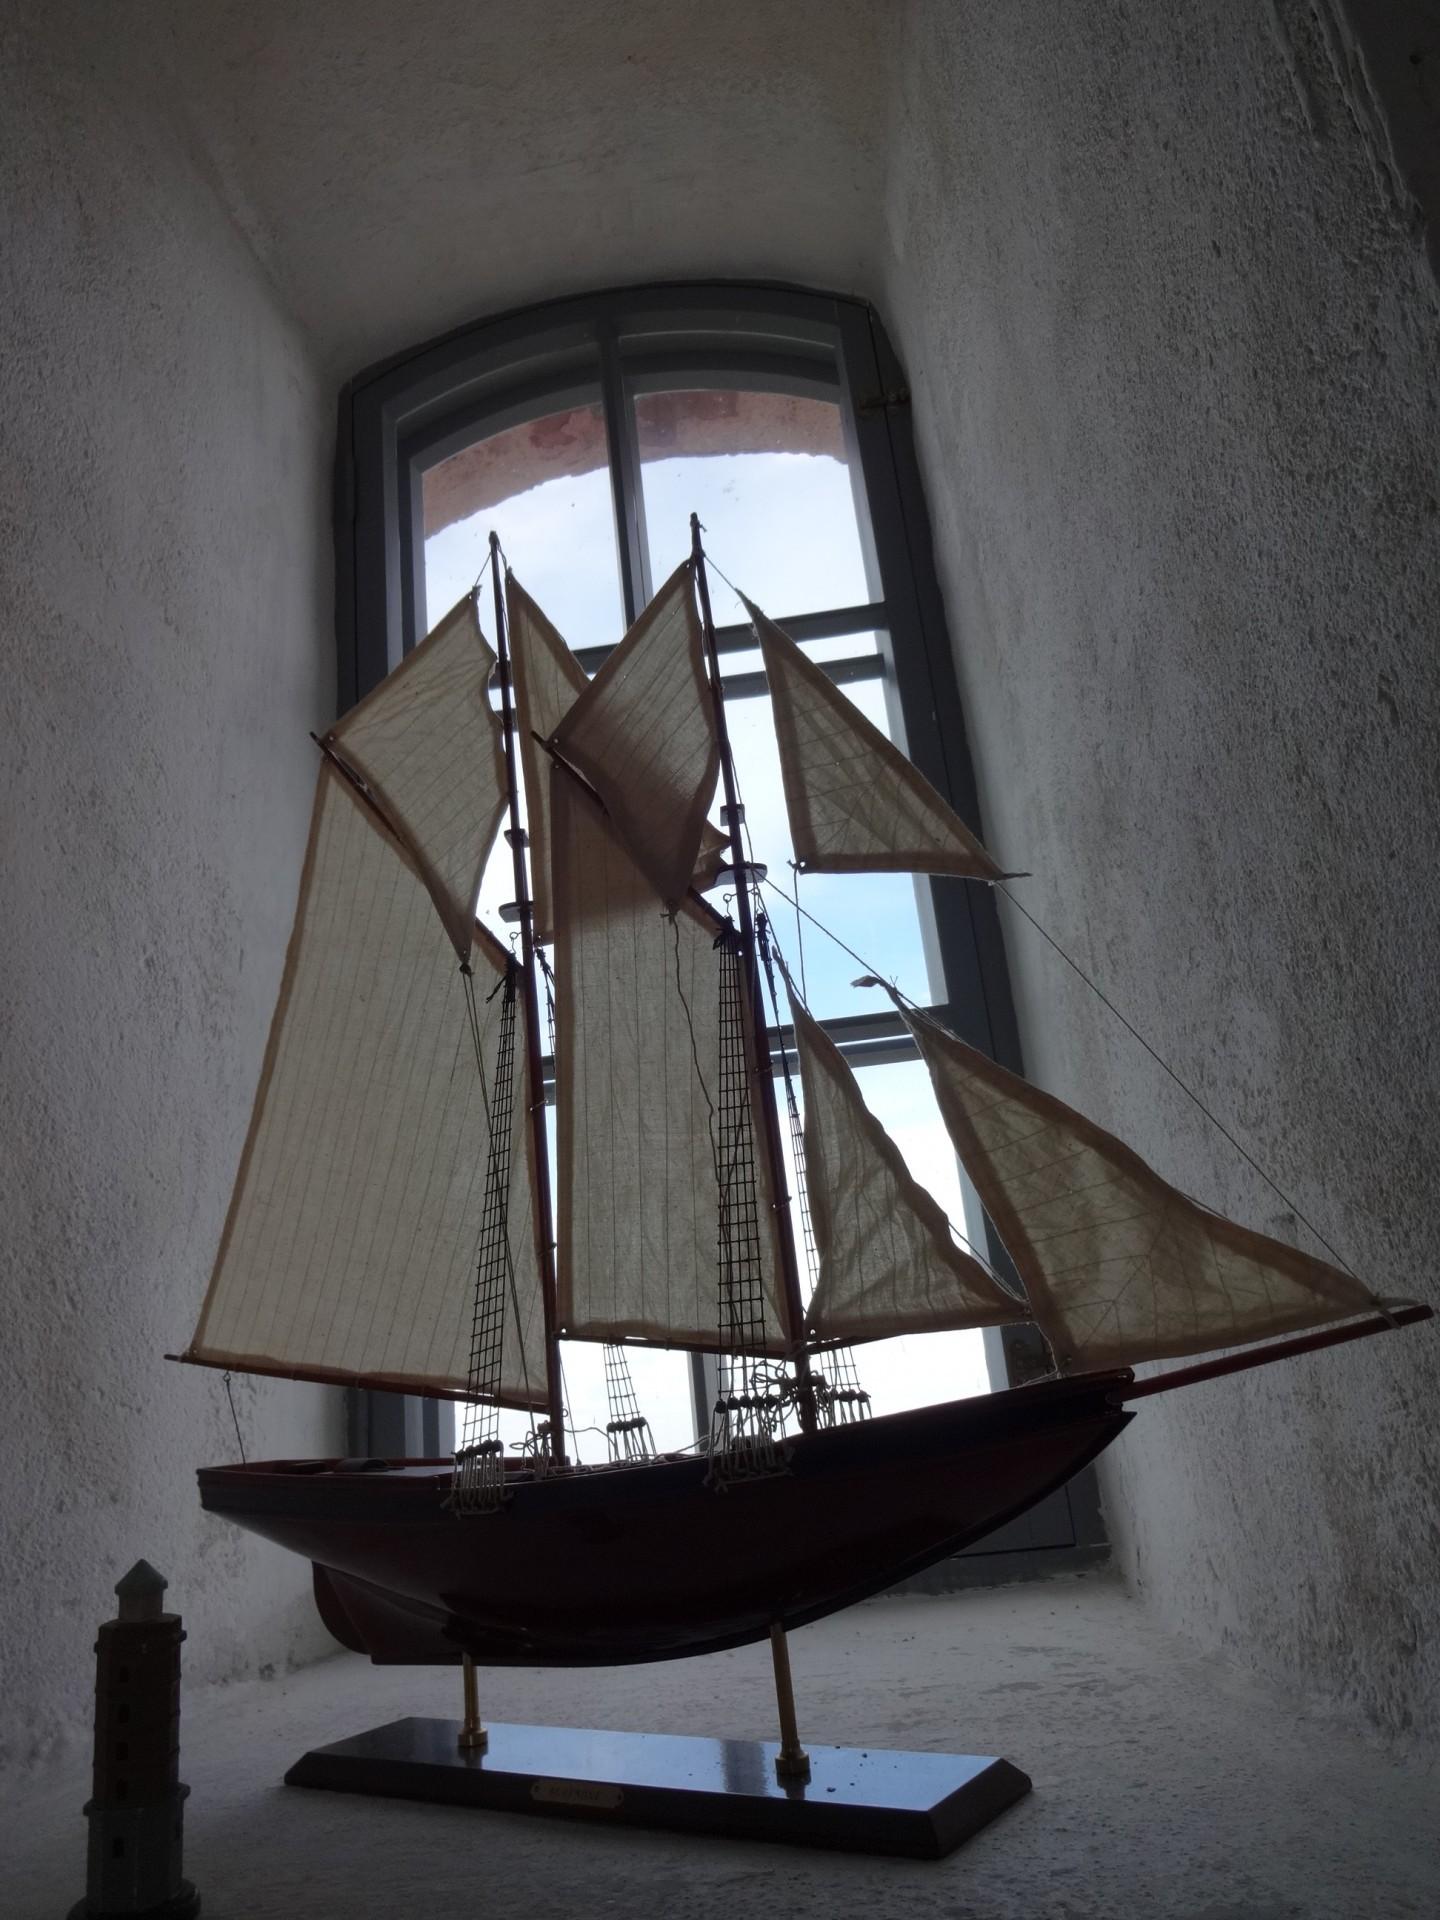 Purjealuksen pienoismalli Söderskärin majakan uusgoottilaisessa ikkunasyvennyksessä